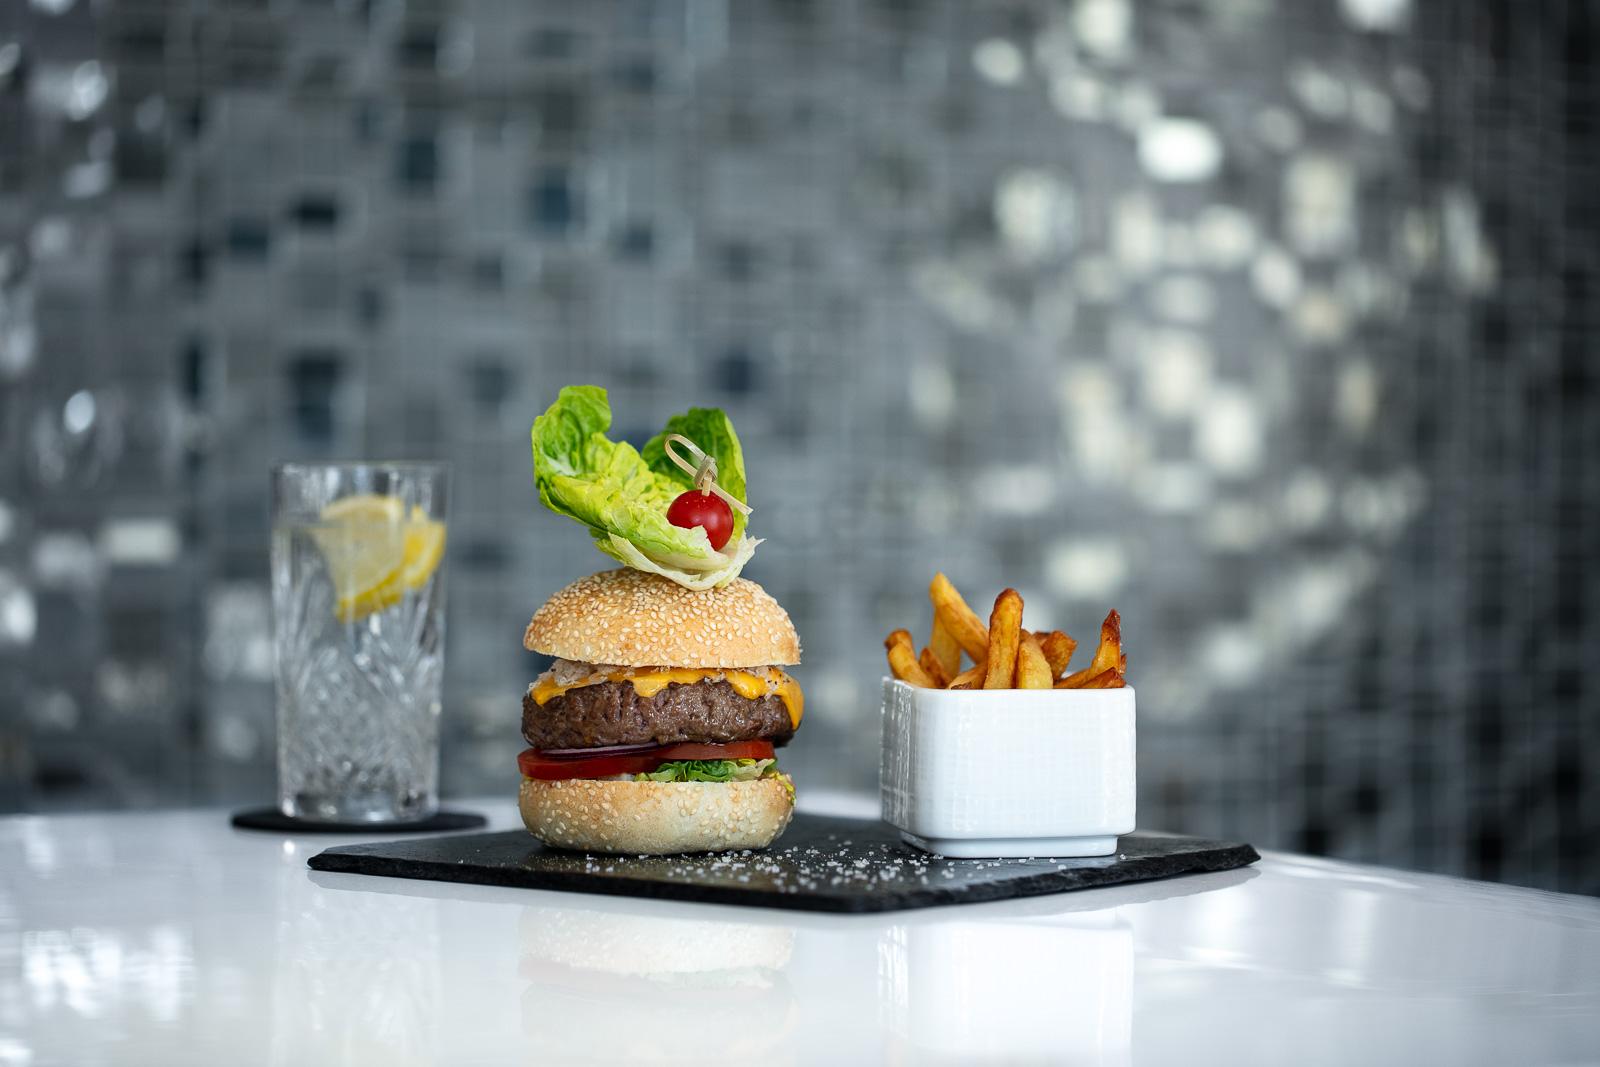 Franck_Hamel_Hotel_de_Paris_valerie_paumelle_agent-photographe_culinaire-foodphotographer (12).jpg